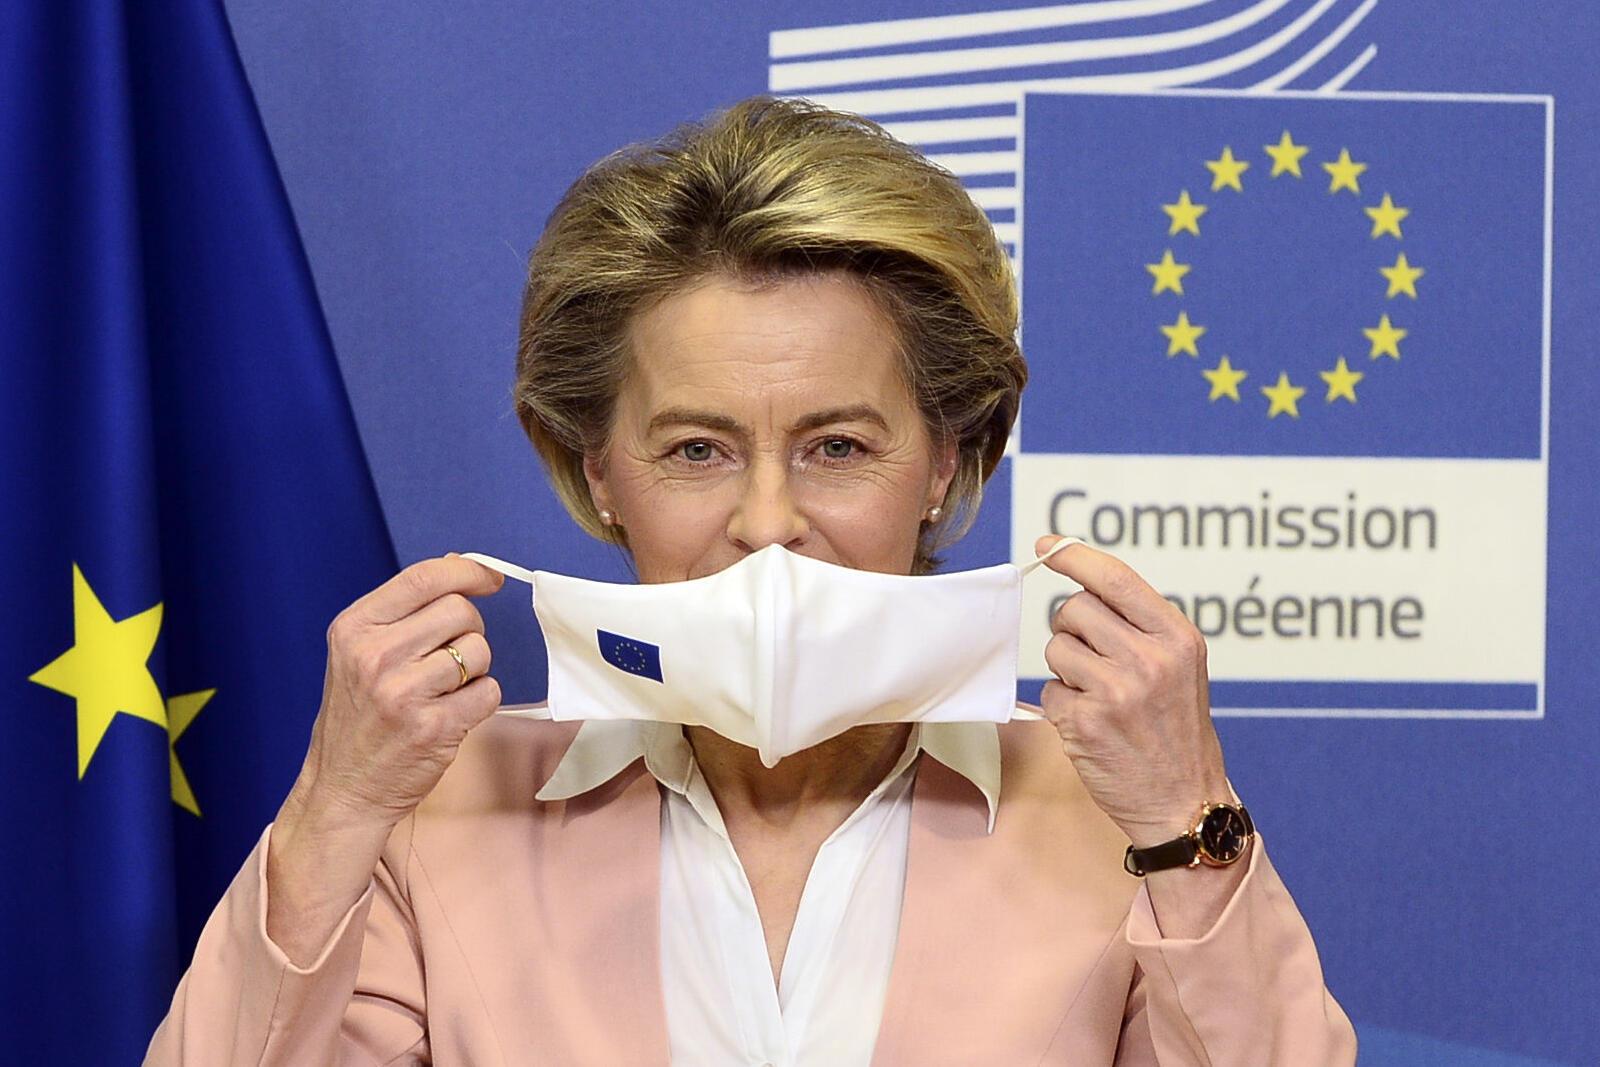 法广存档图片:欧盟委员会主席冯德莱恩夫人  Image d'archive RFI: Ursula von der Leyen, la président de la Commission européenne, le 18 janvier 2021 à Bruxelles, en Belgique.